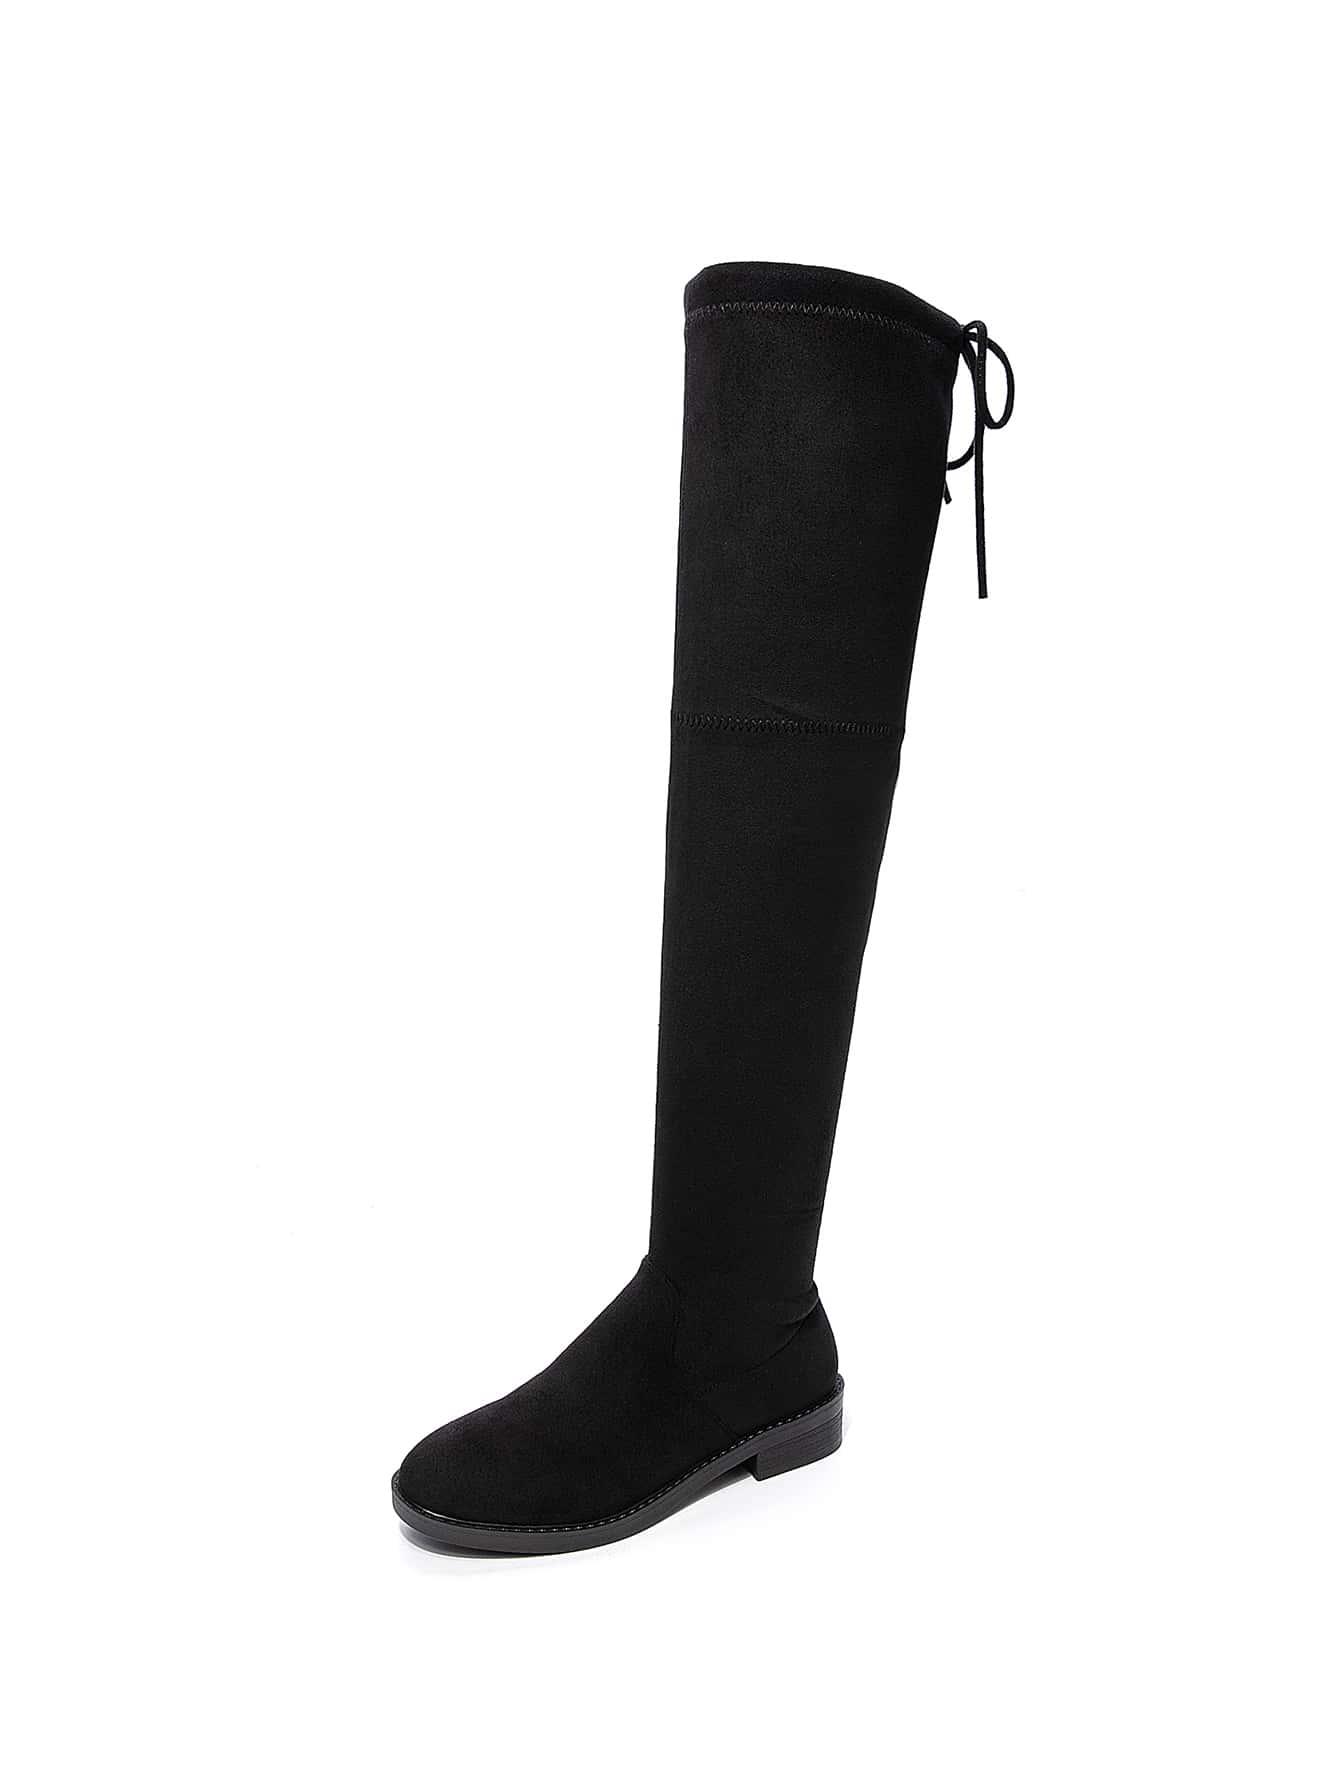 Minimalist Over Knee Boots